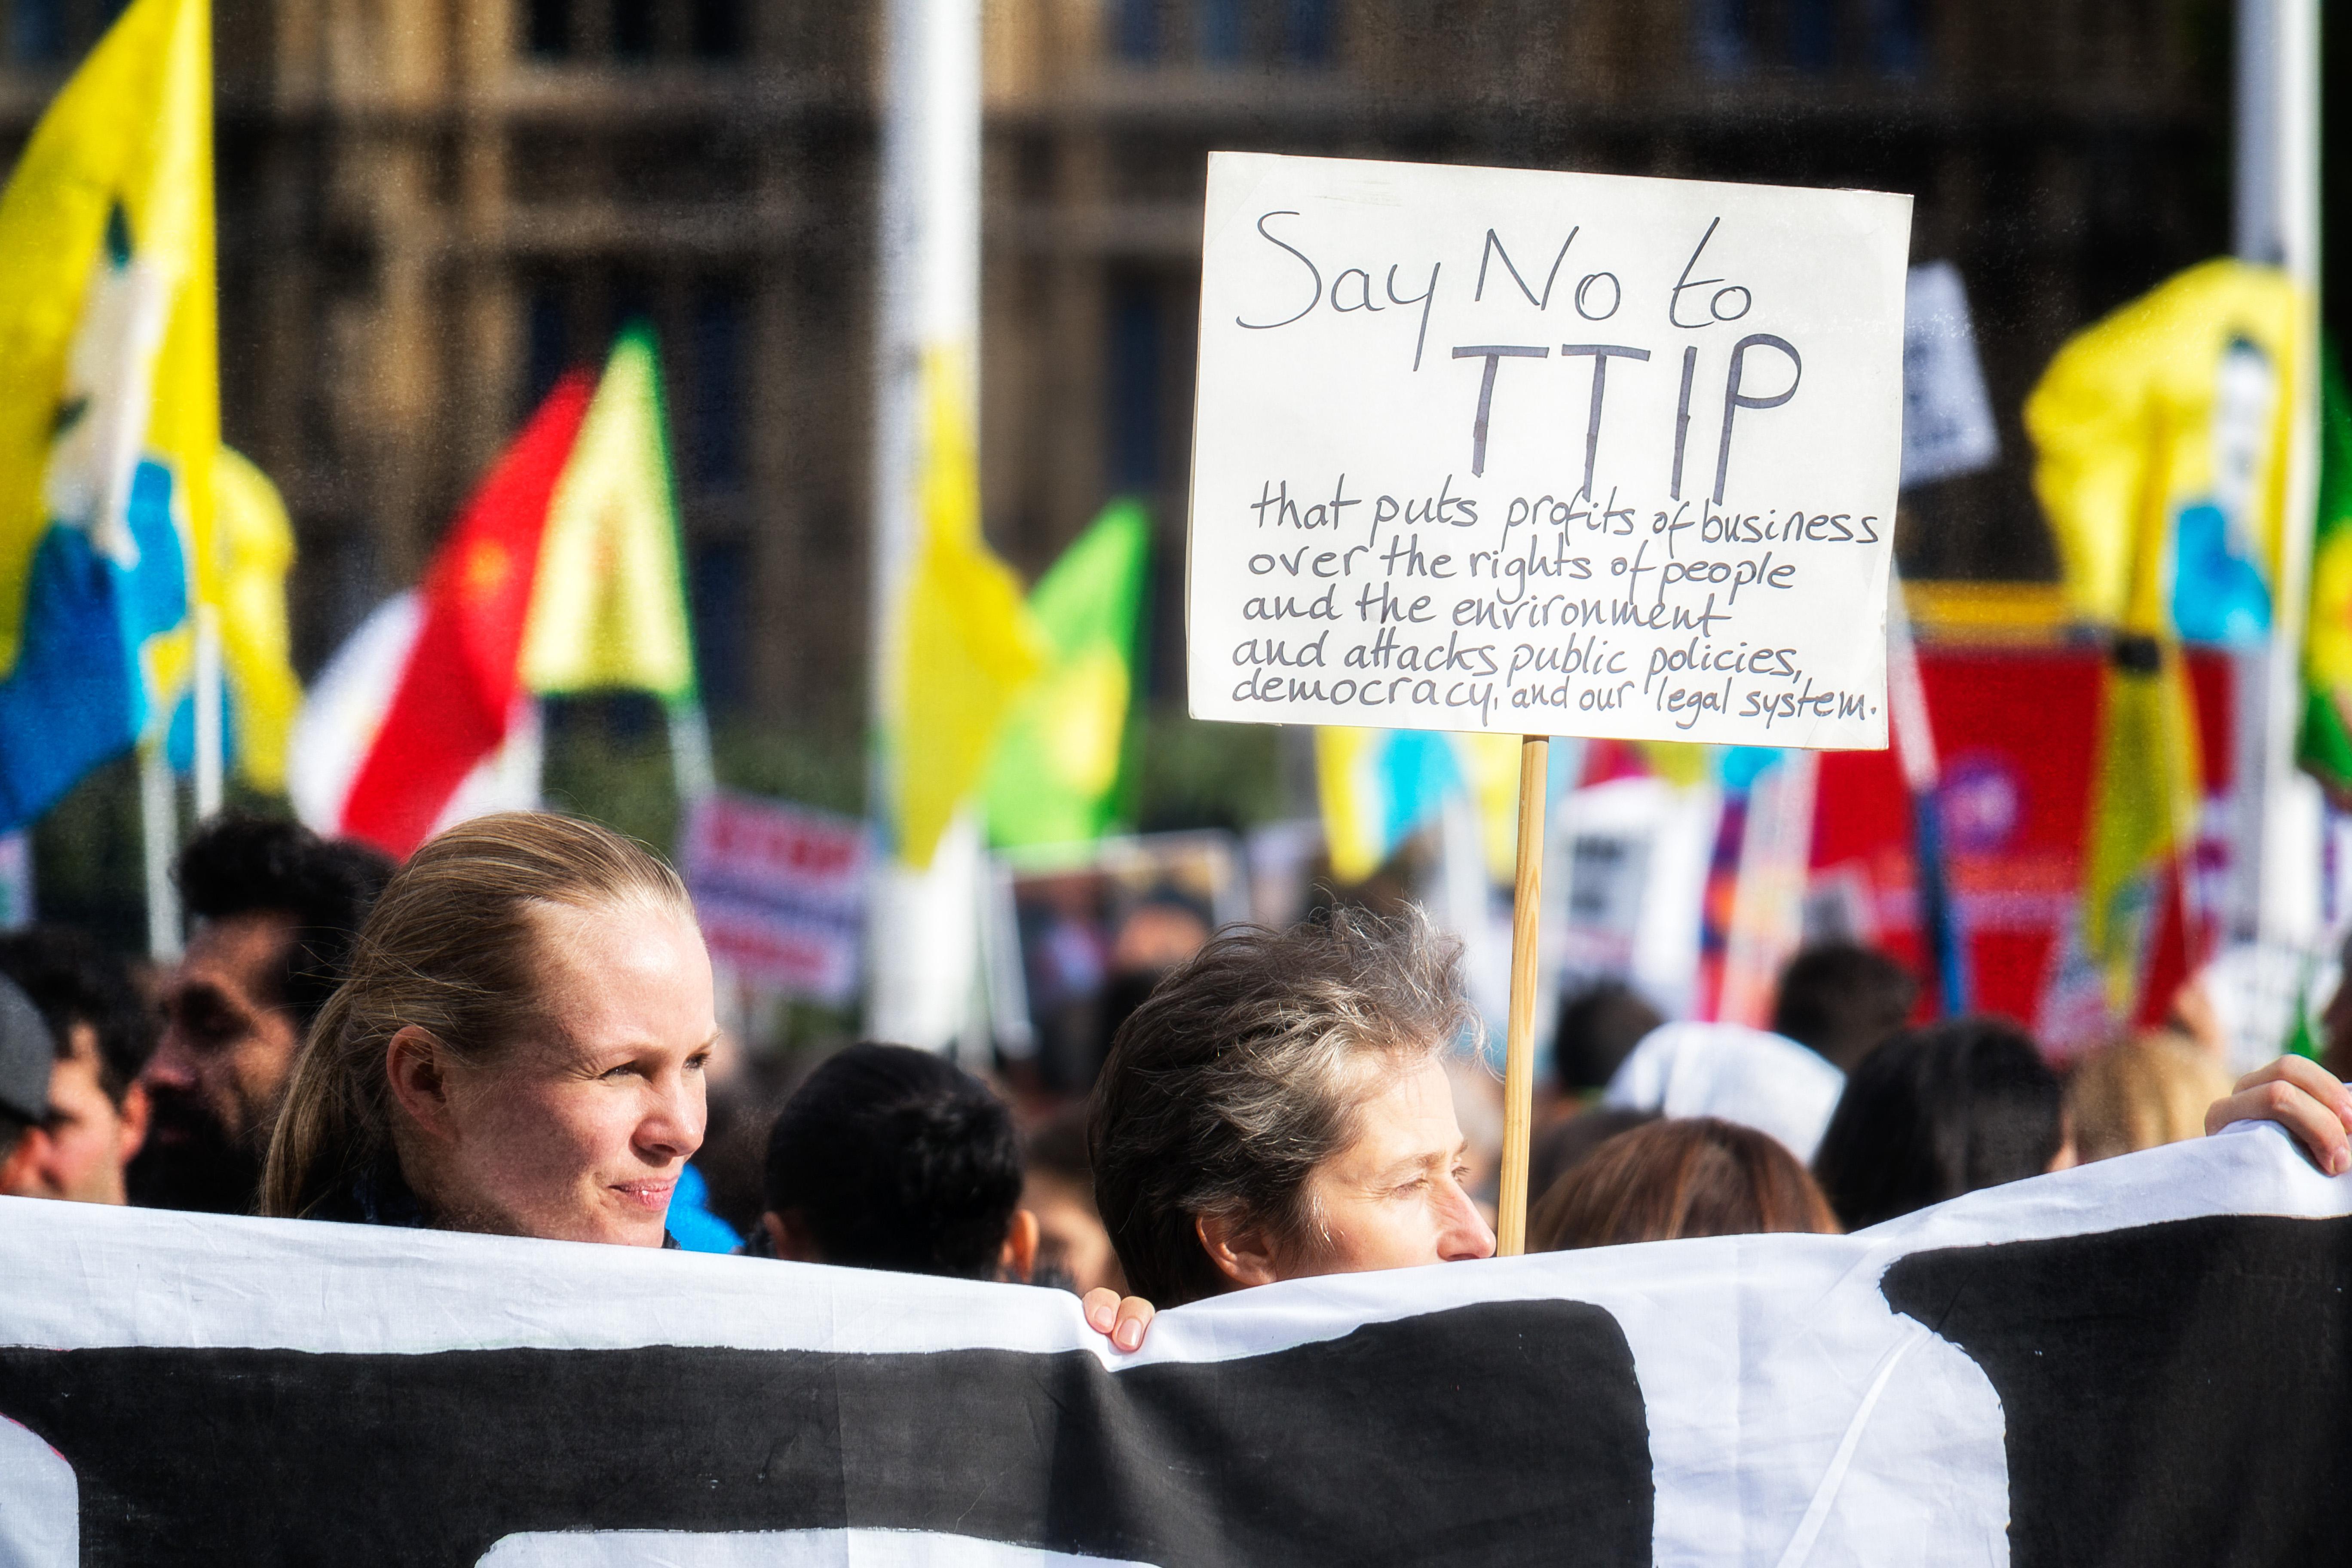 Tratados de Libre Comercio Transatlánticos: ¡Mal tiempo para los Derechos!